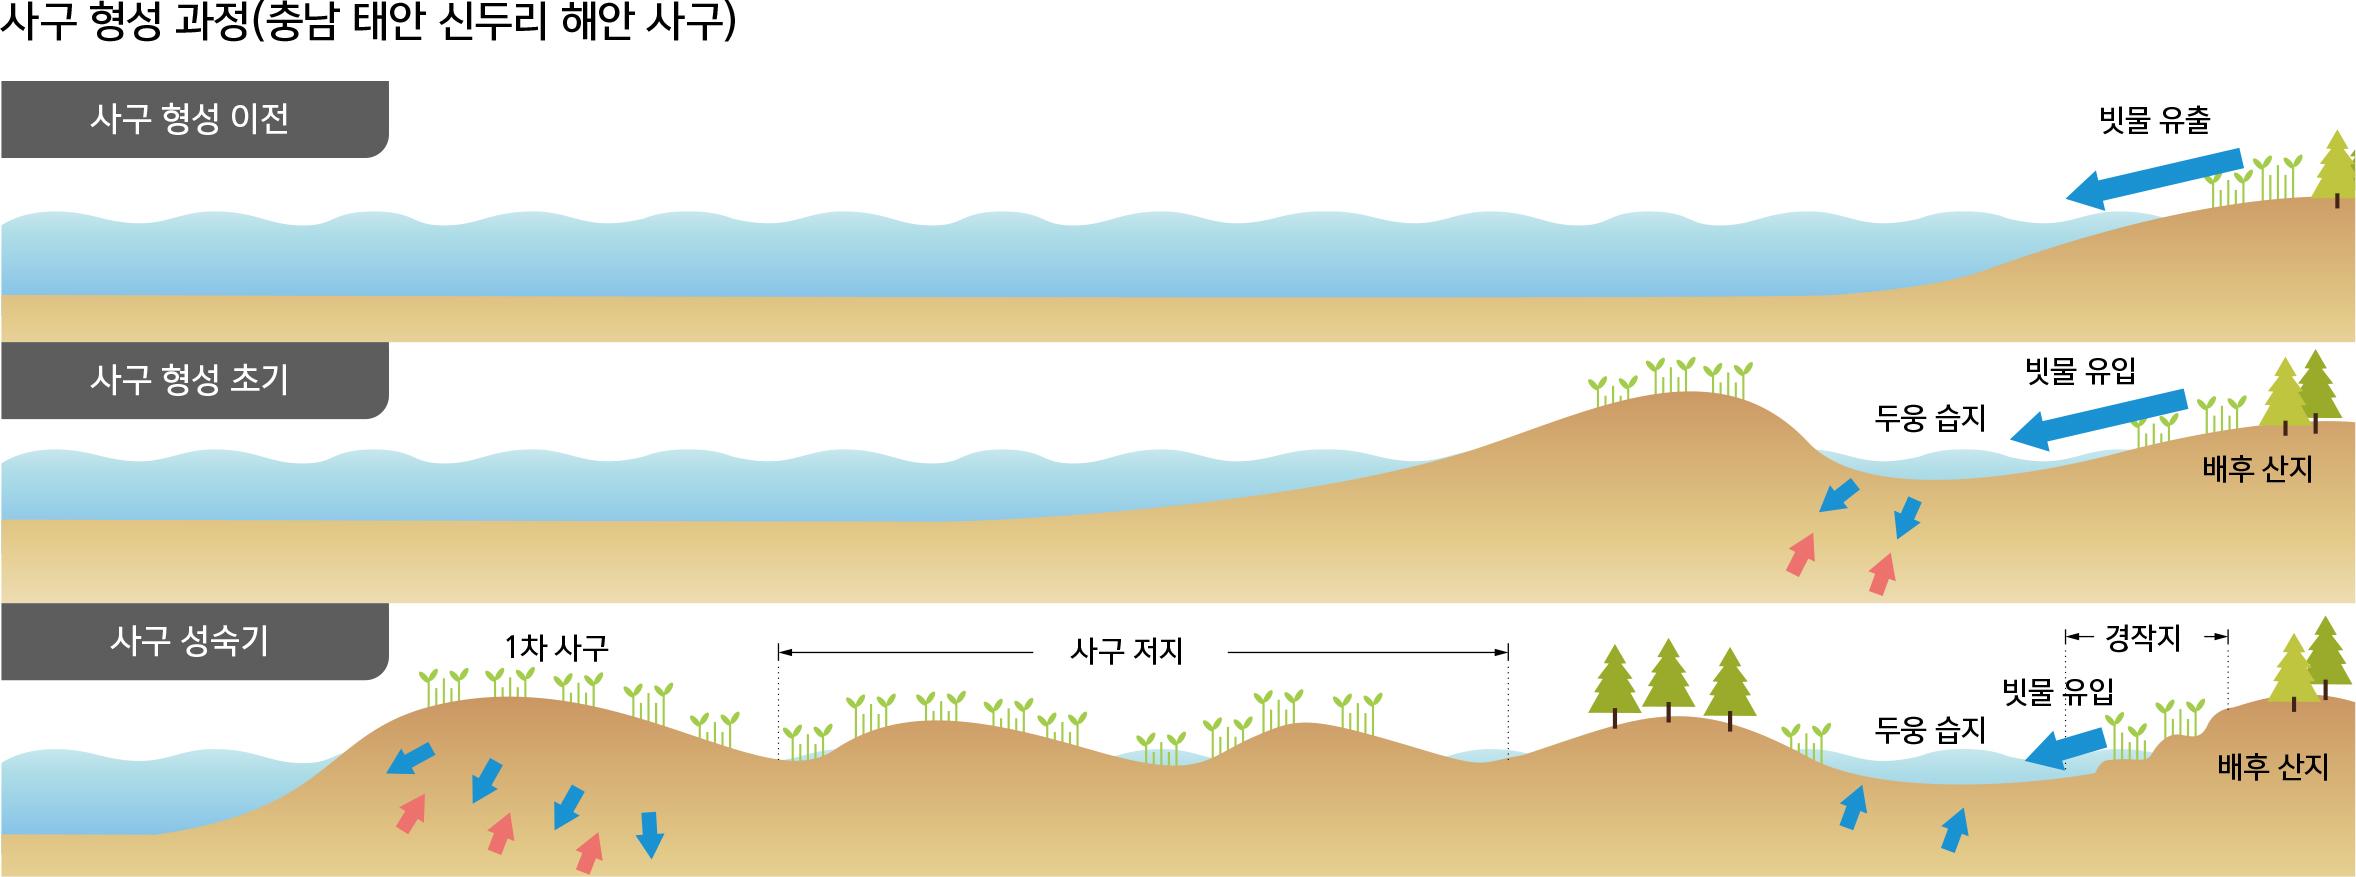 사구 형성 과정(충남 태안 신두리 해안 사구)